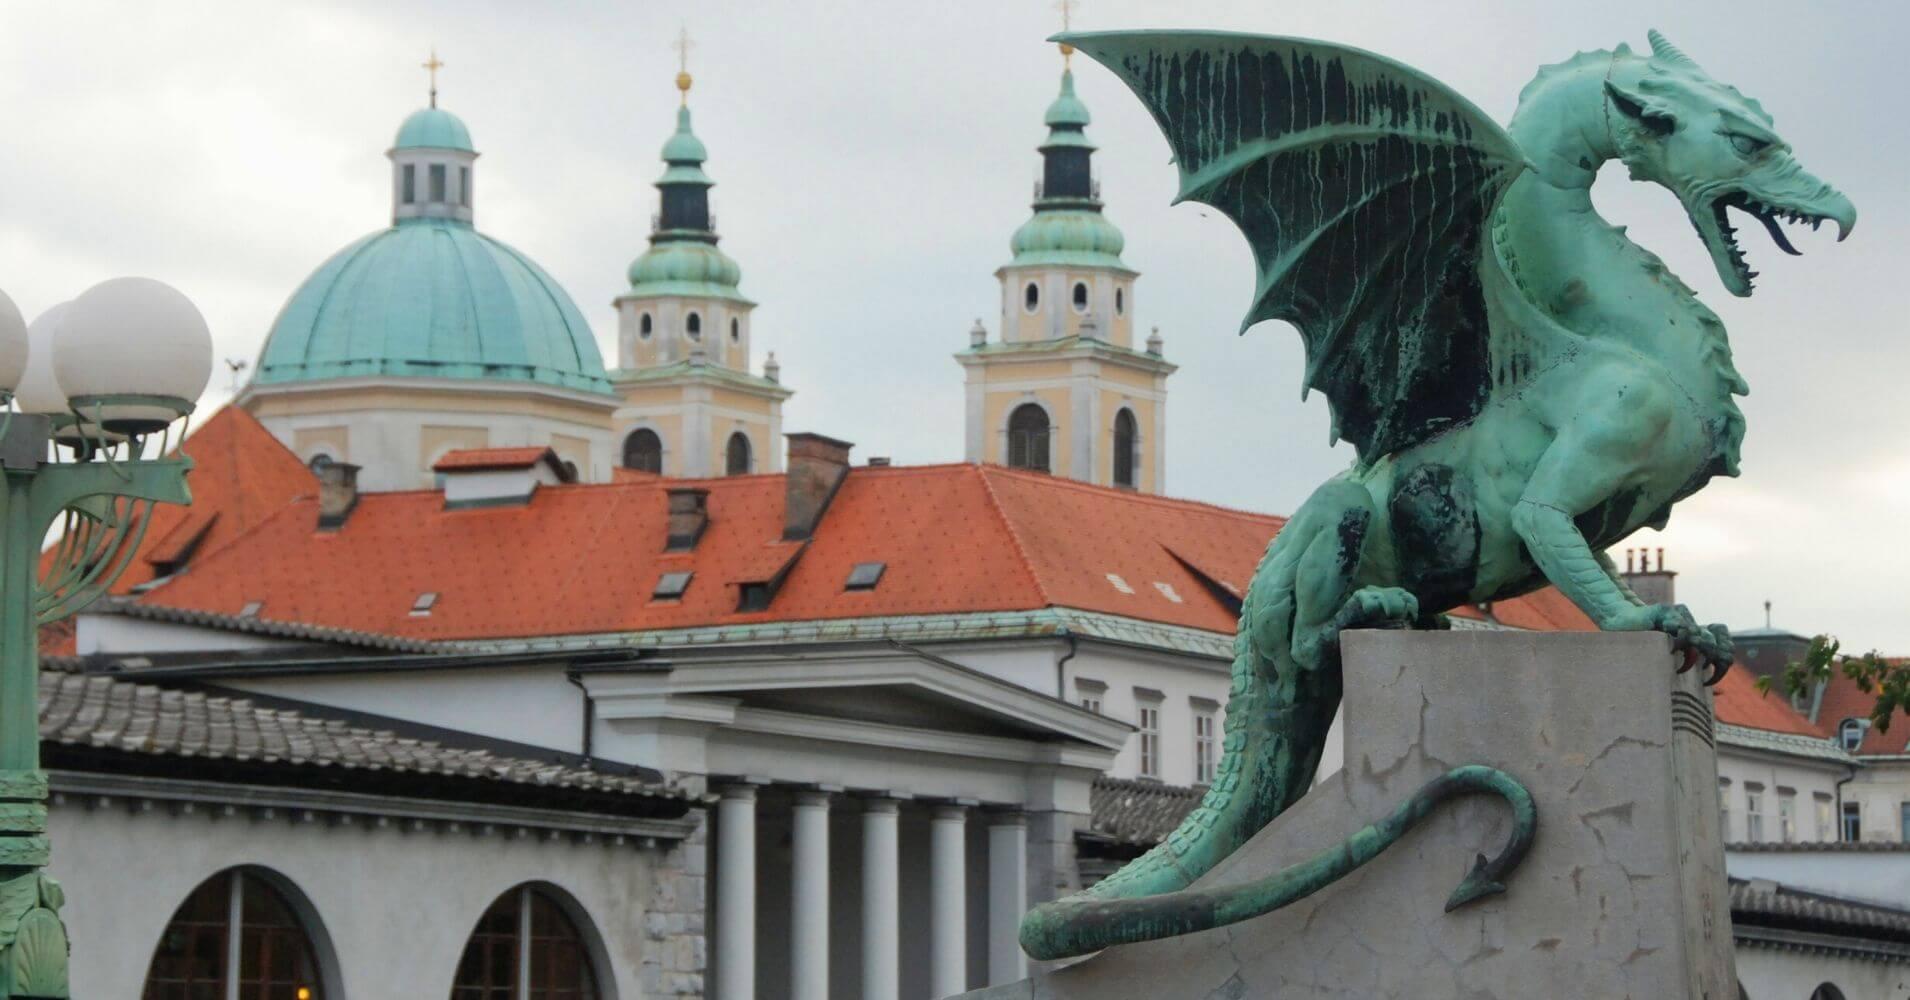 Dragón en Lubliana. Viajar a Eslovenia.